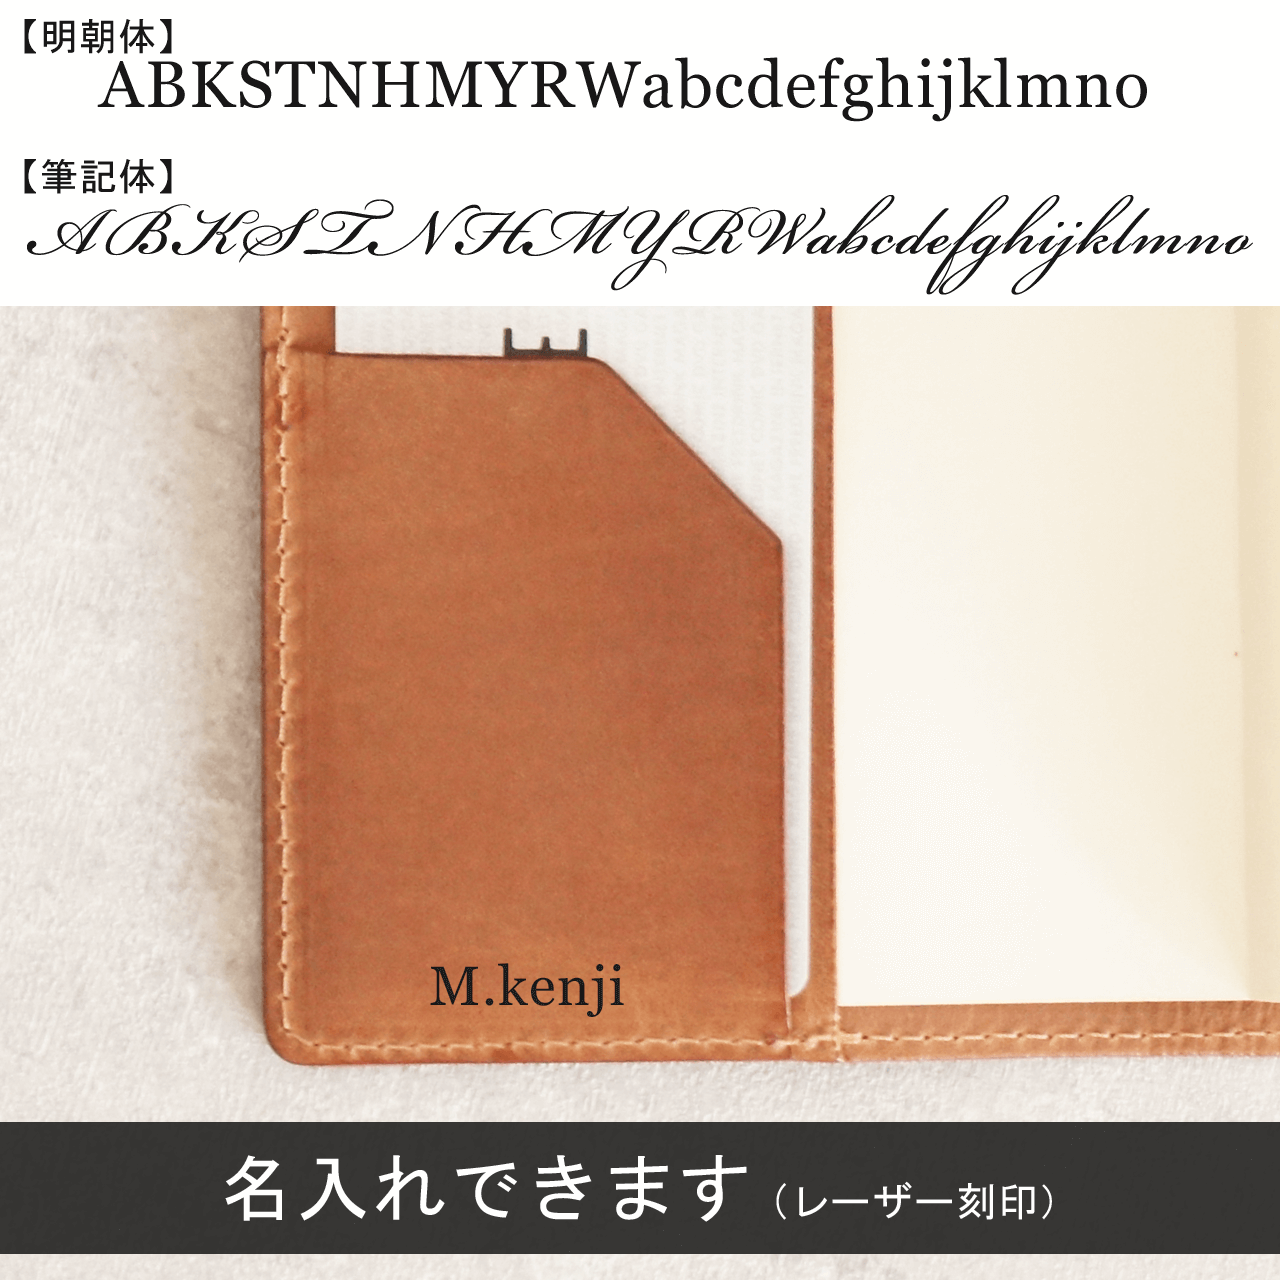 ほぼ日手帳カバー 本革【キャメル】